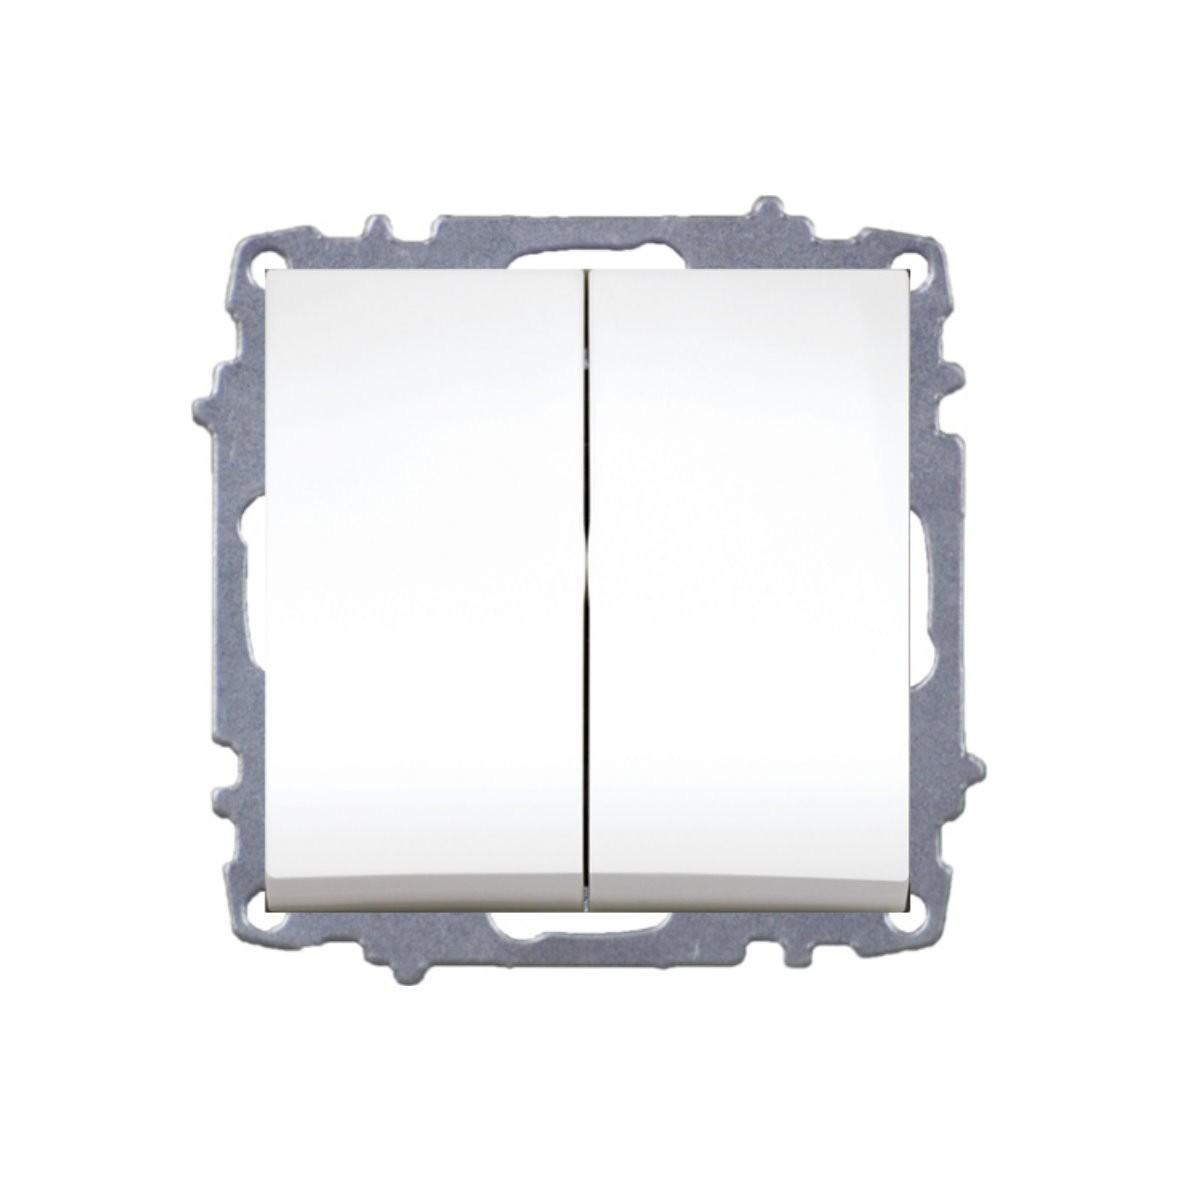 Изображение ZENA модуль крем Выключатель 2 кл